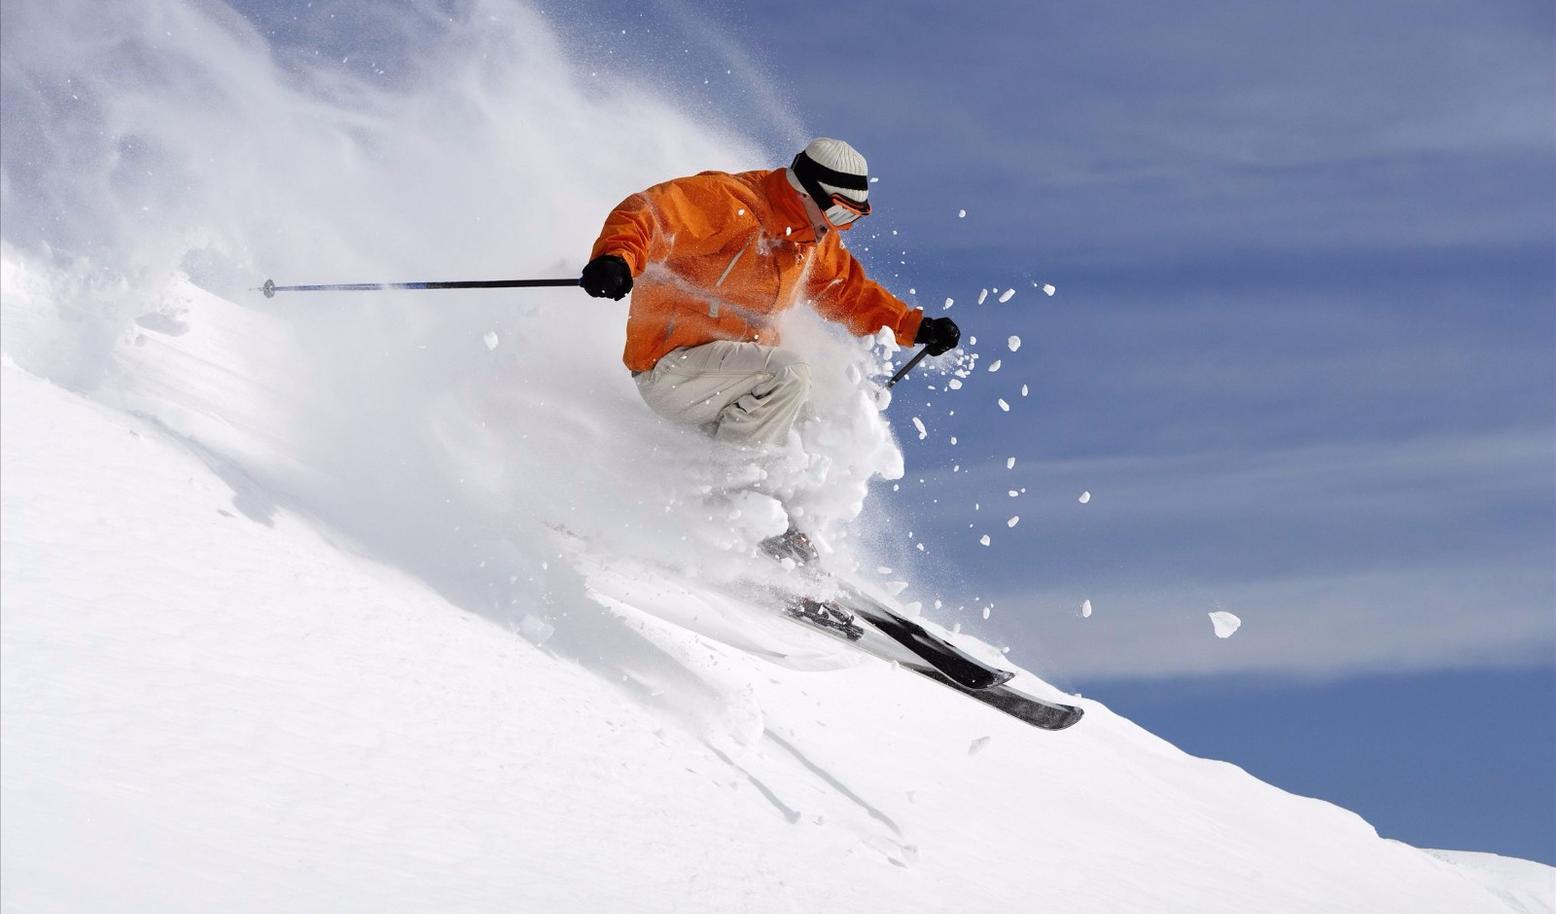 冰雪旅游进入黄金增长期 冷资源变身度假新选择